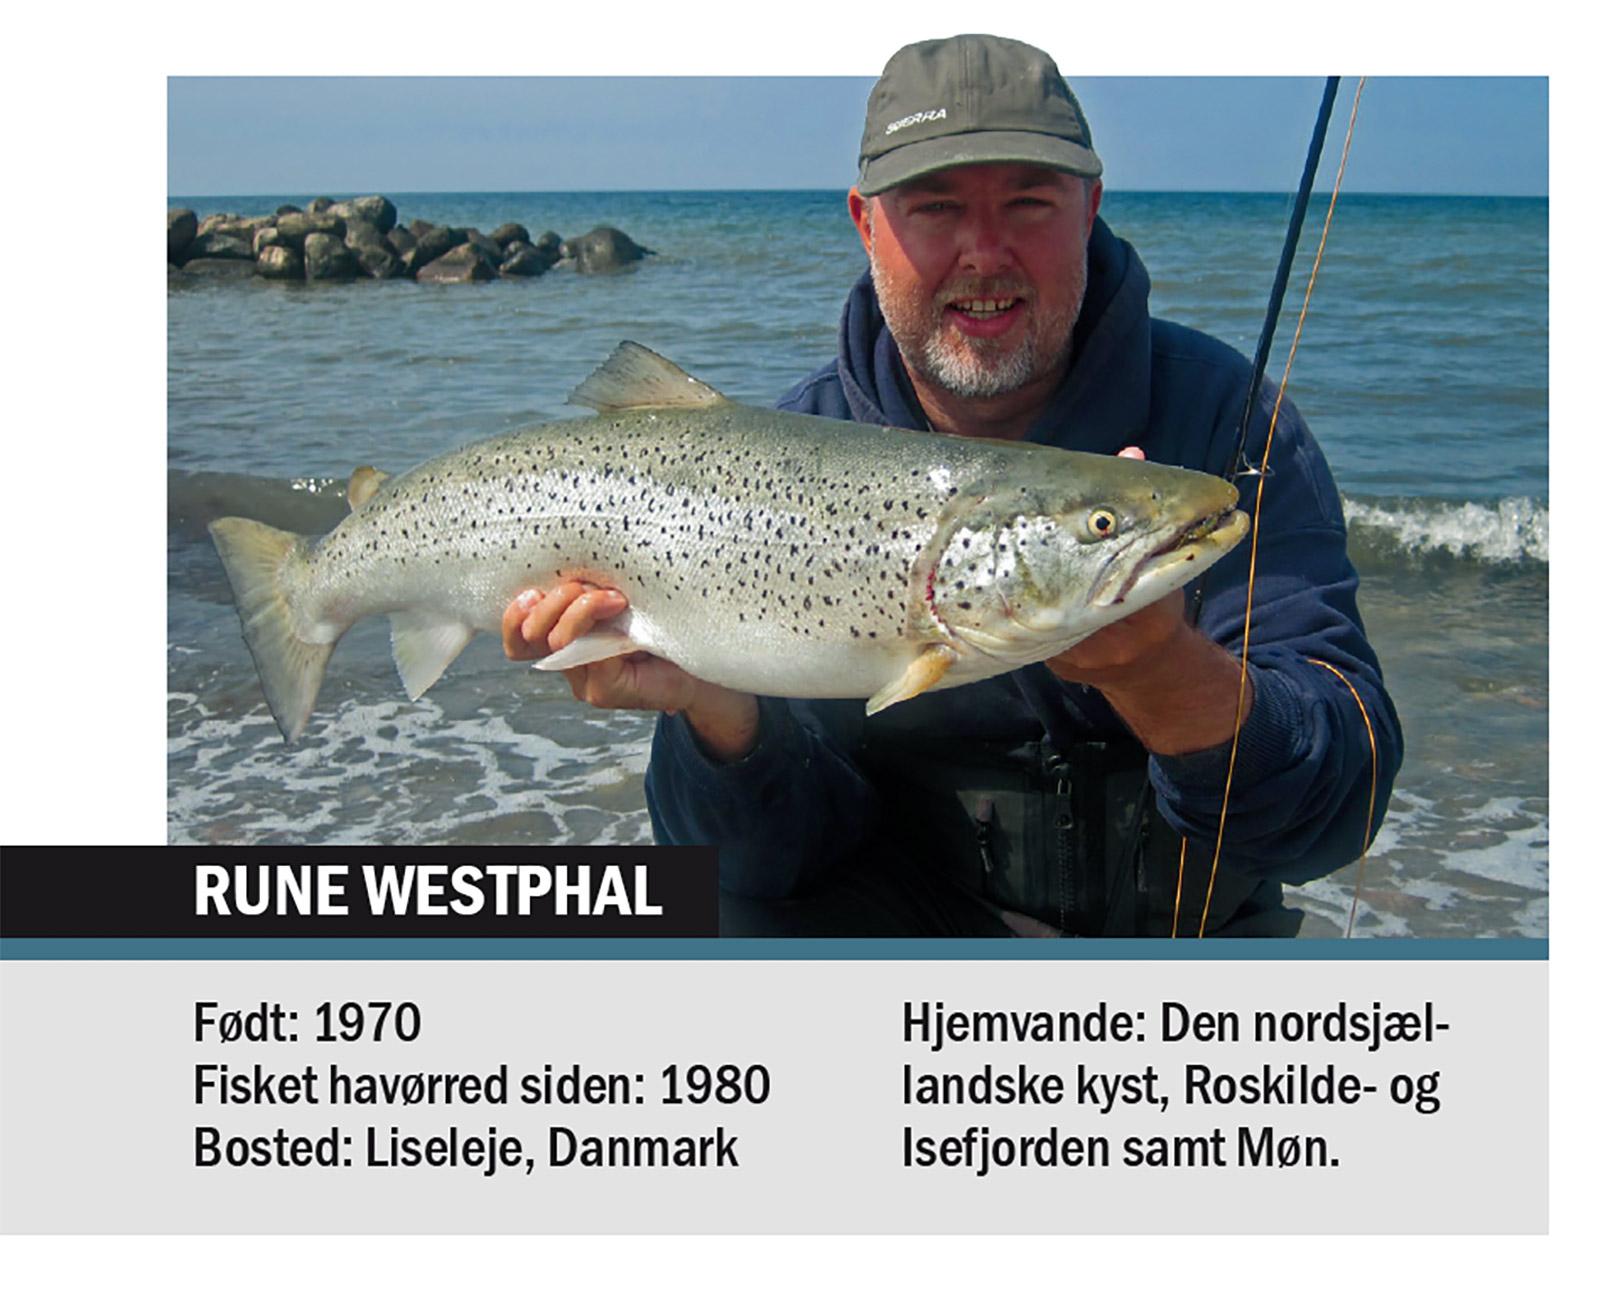 Rune Westphal